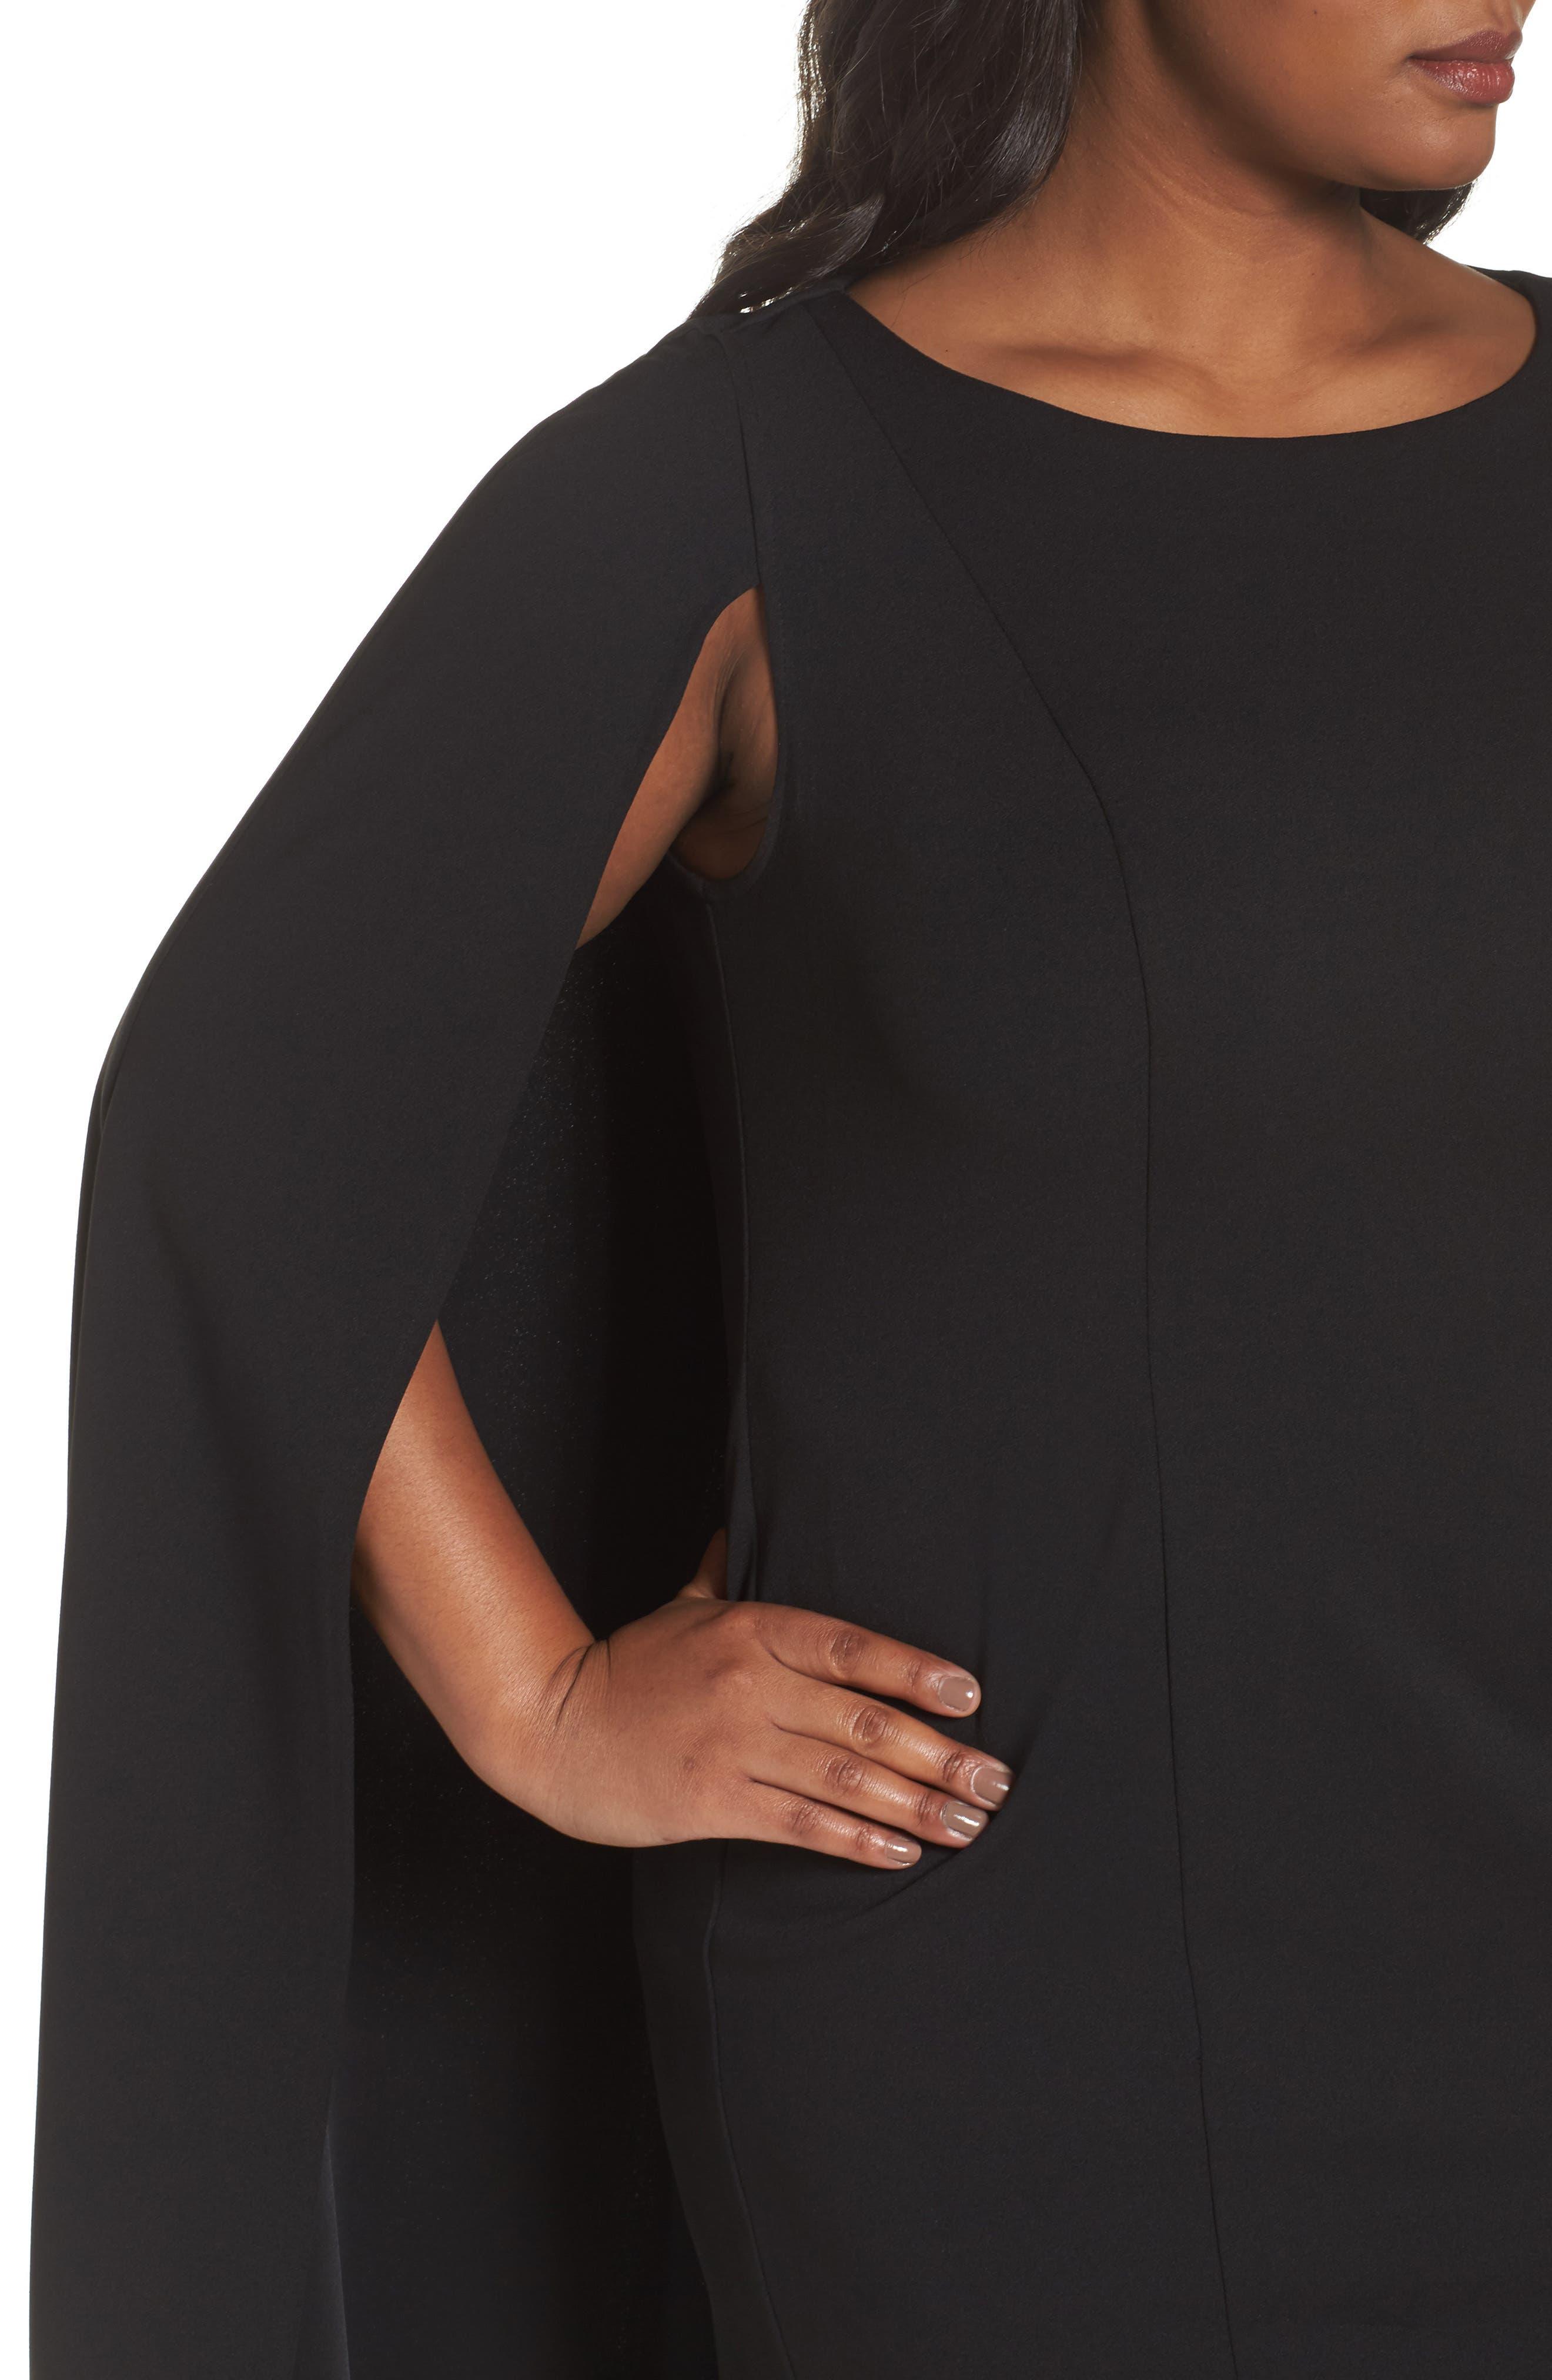 Cape Sheath Dress,                             Alternate thumbnail 4, color,                             Black